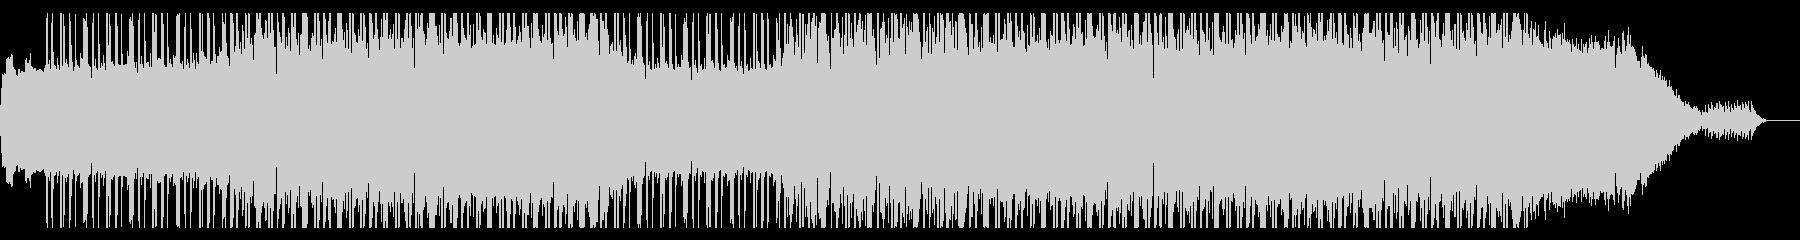 キラキラと輝くドラムンベースの未再生の波形